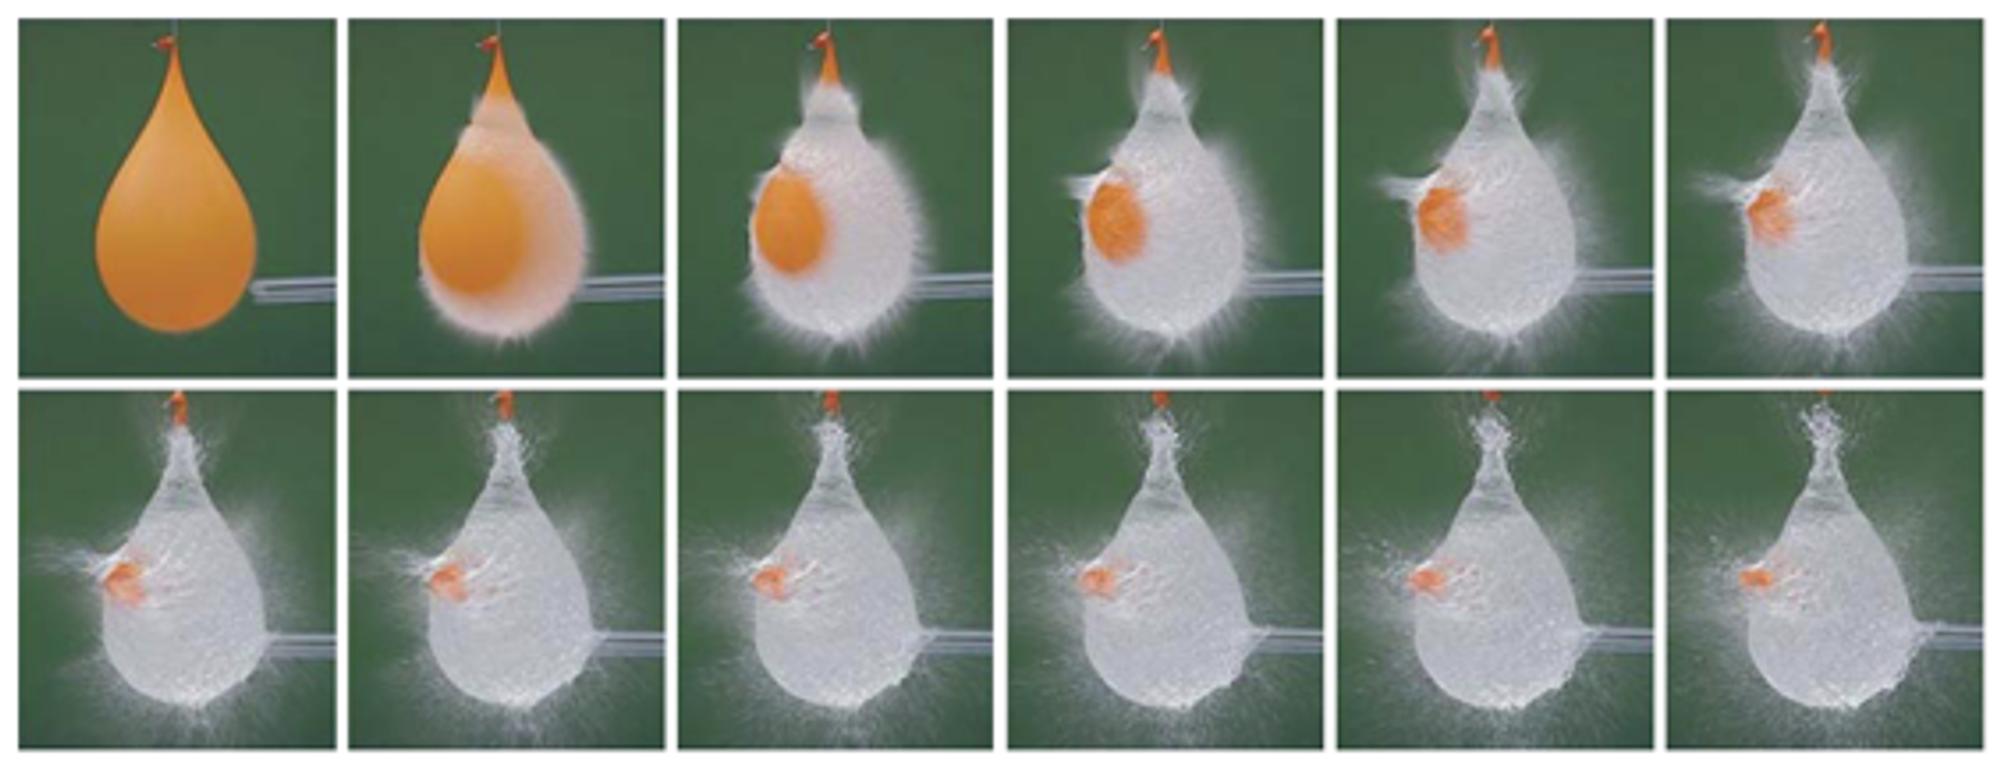 Vannballong som sprekker, filmet med Sonys nye CMOS-brikke.<br>Klikk for større bilde.